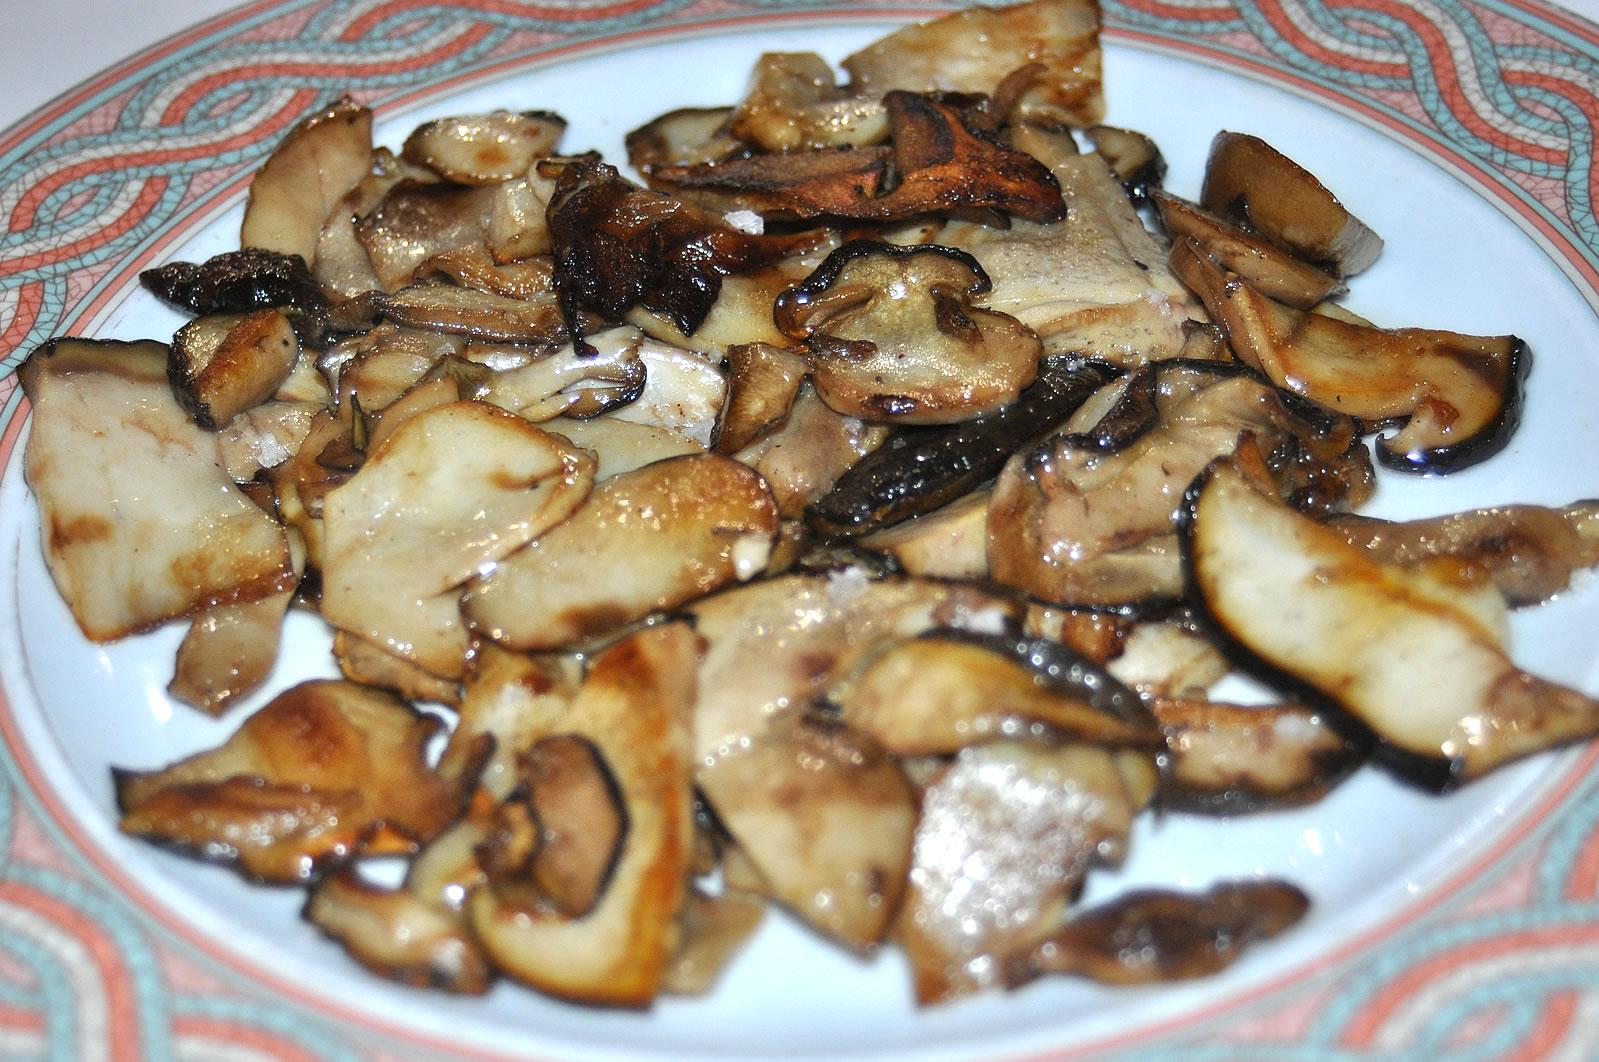 Restaurante Casa Garrido: Plato de Boletus plancha del Restaurante Casa Garrido (Soria)